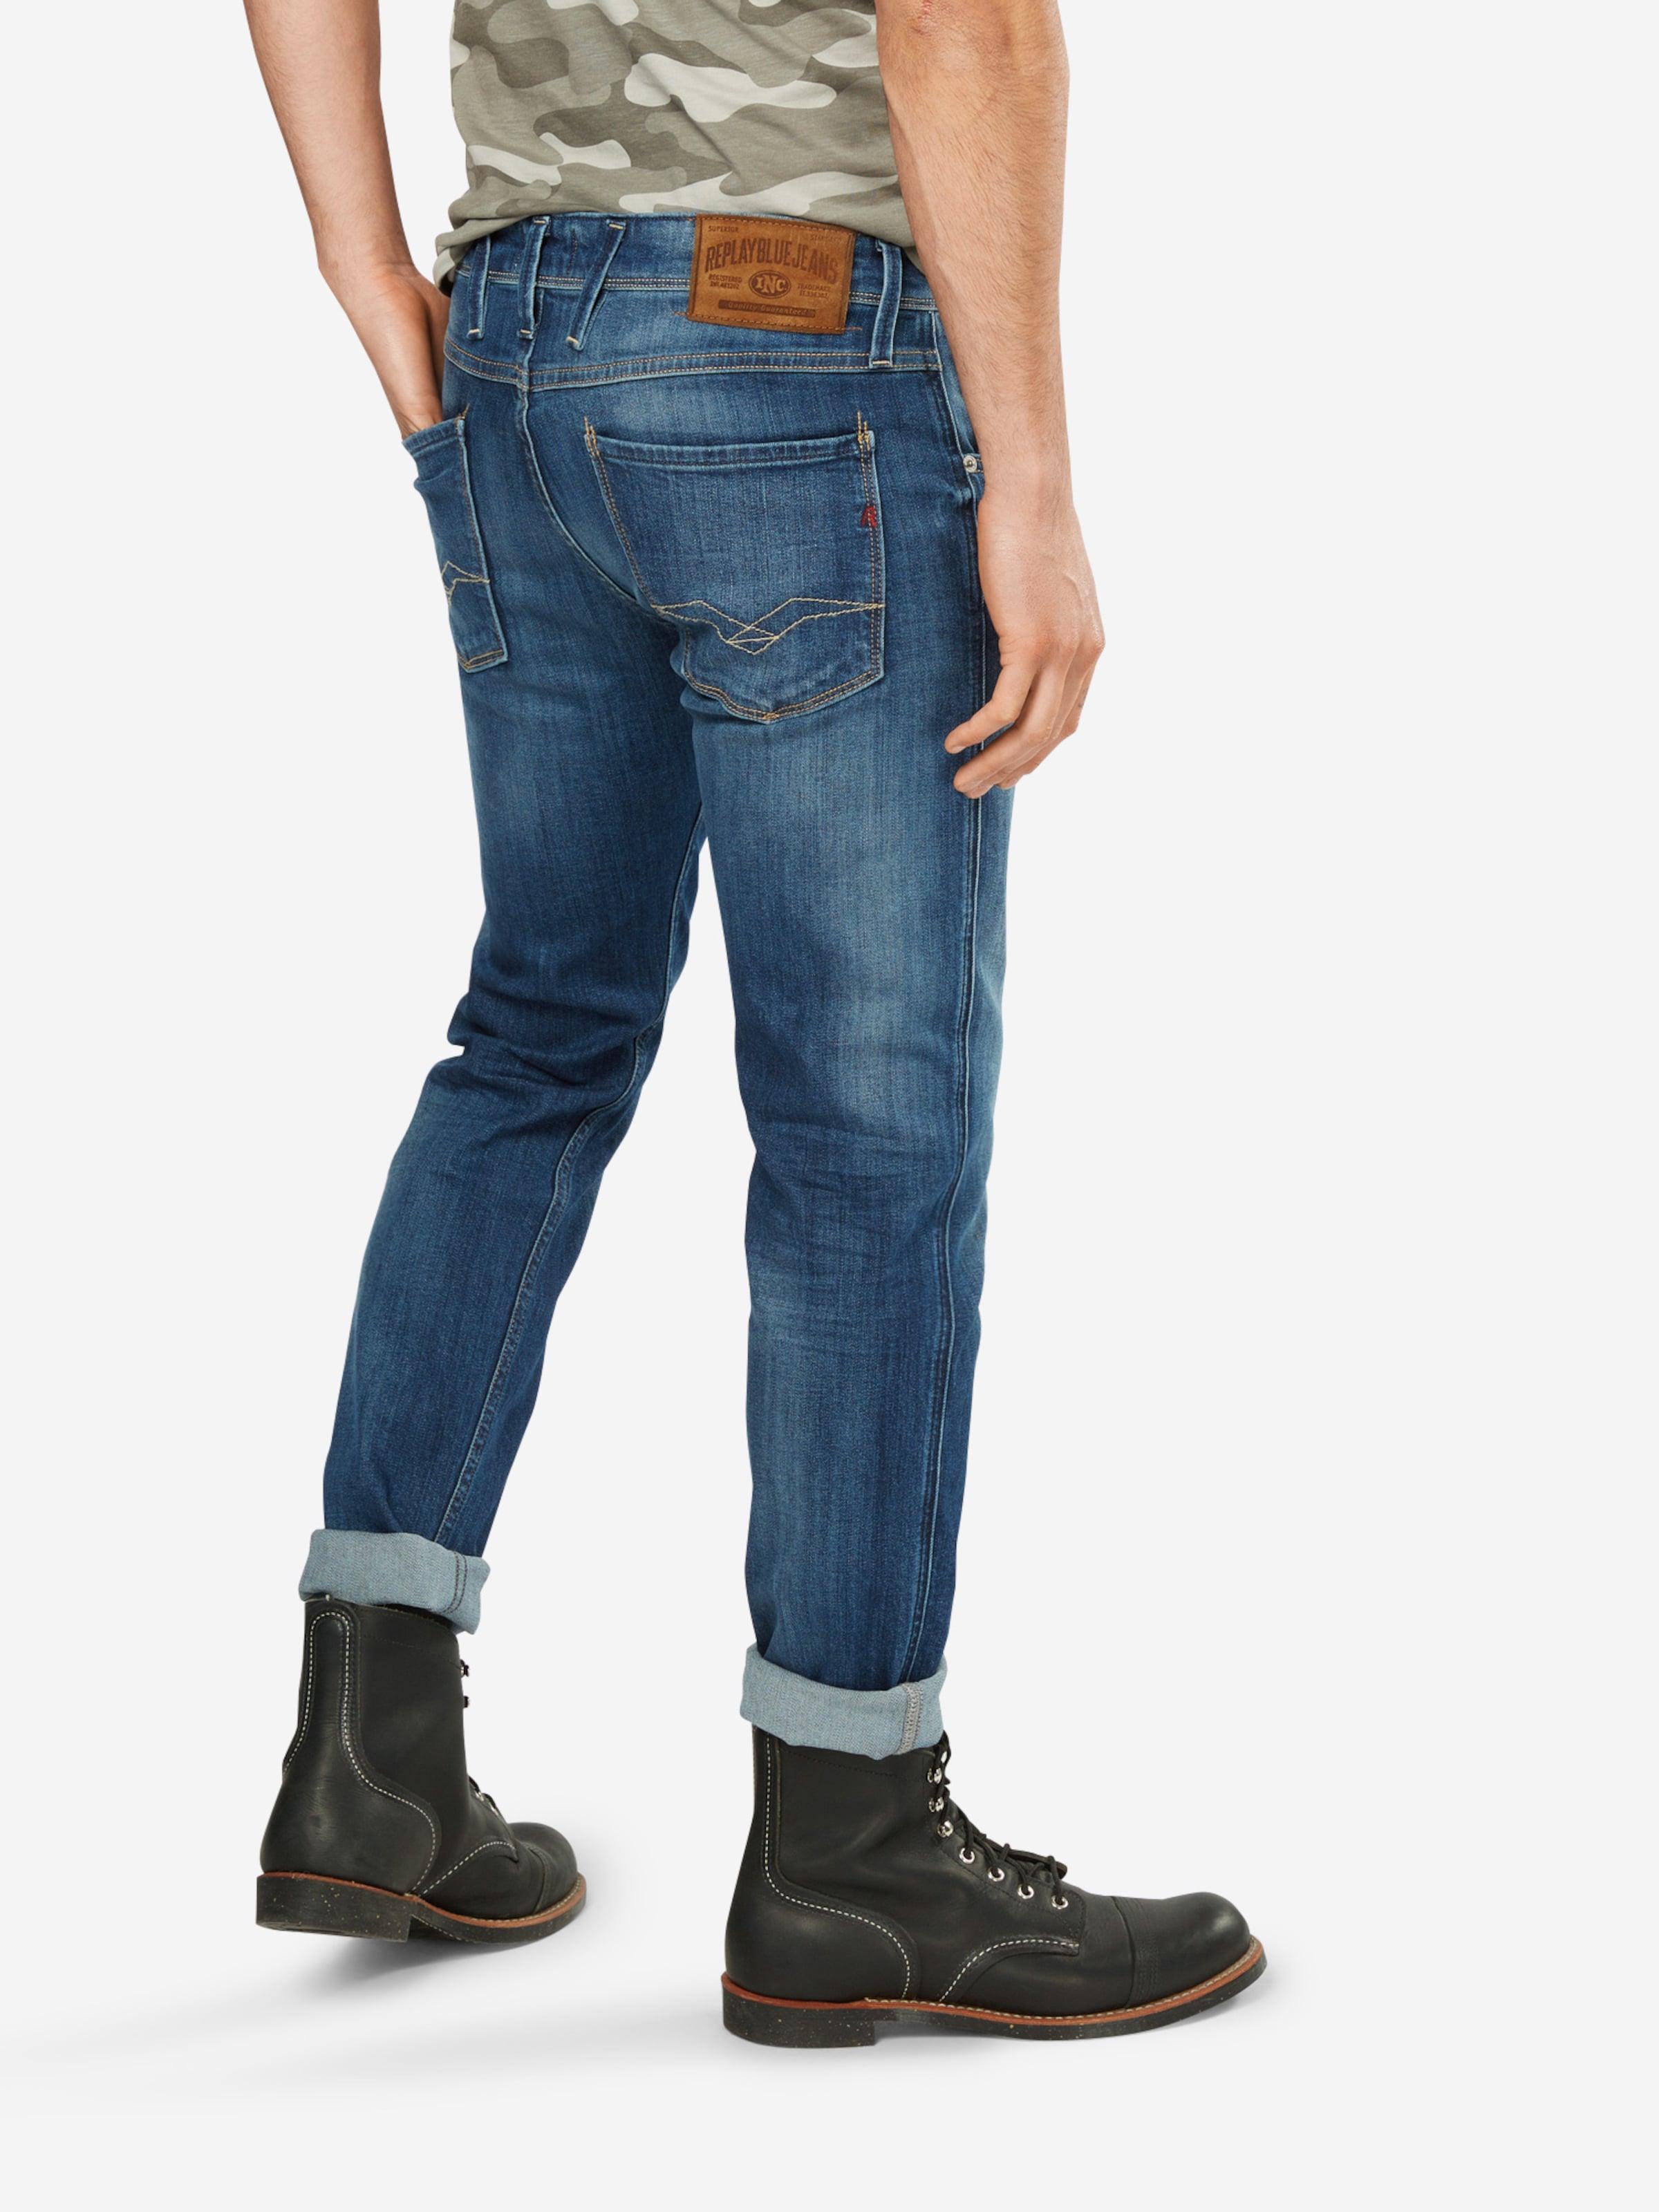 REPLAY Jeans im Used-Style 'Anbass' Rabatt Modische Modestil Neue Online-Verkauf 9IH9j